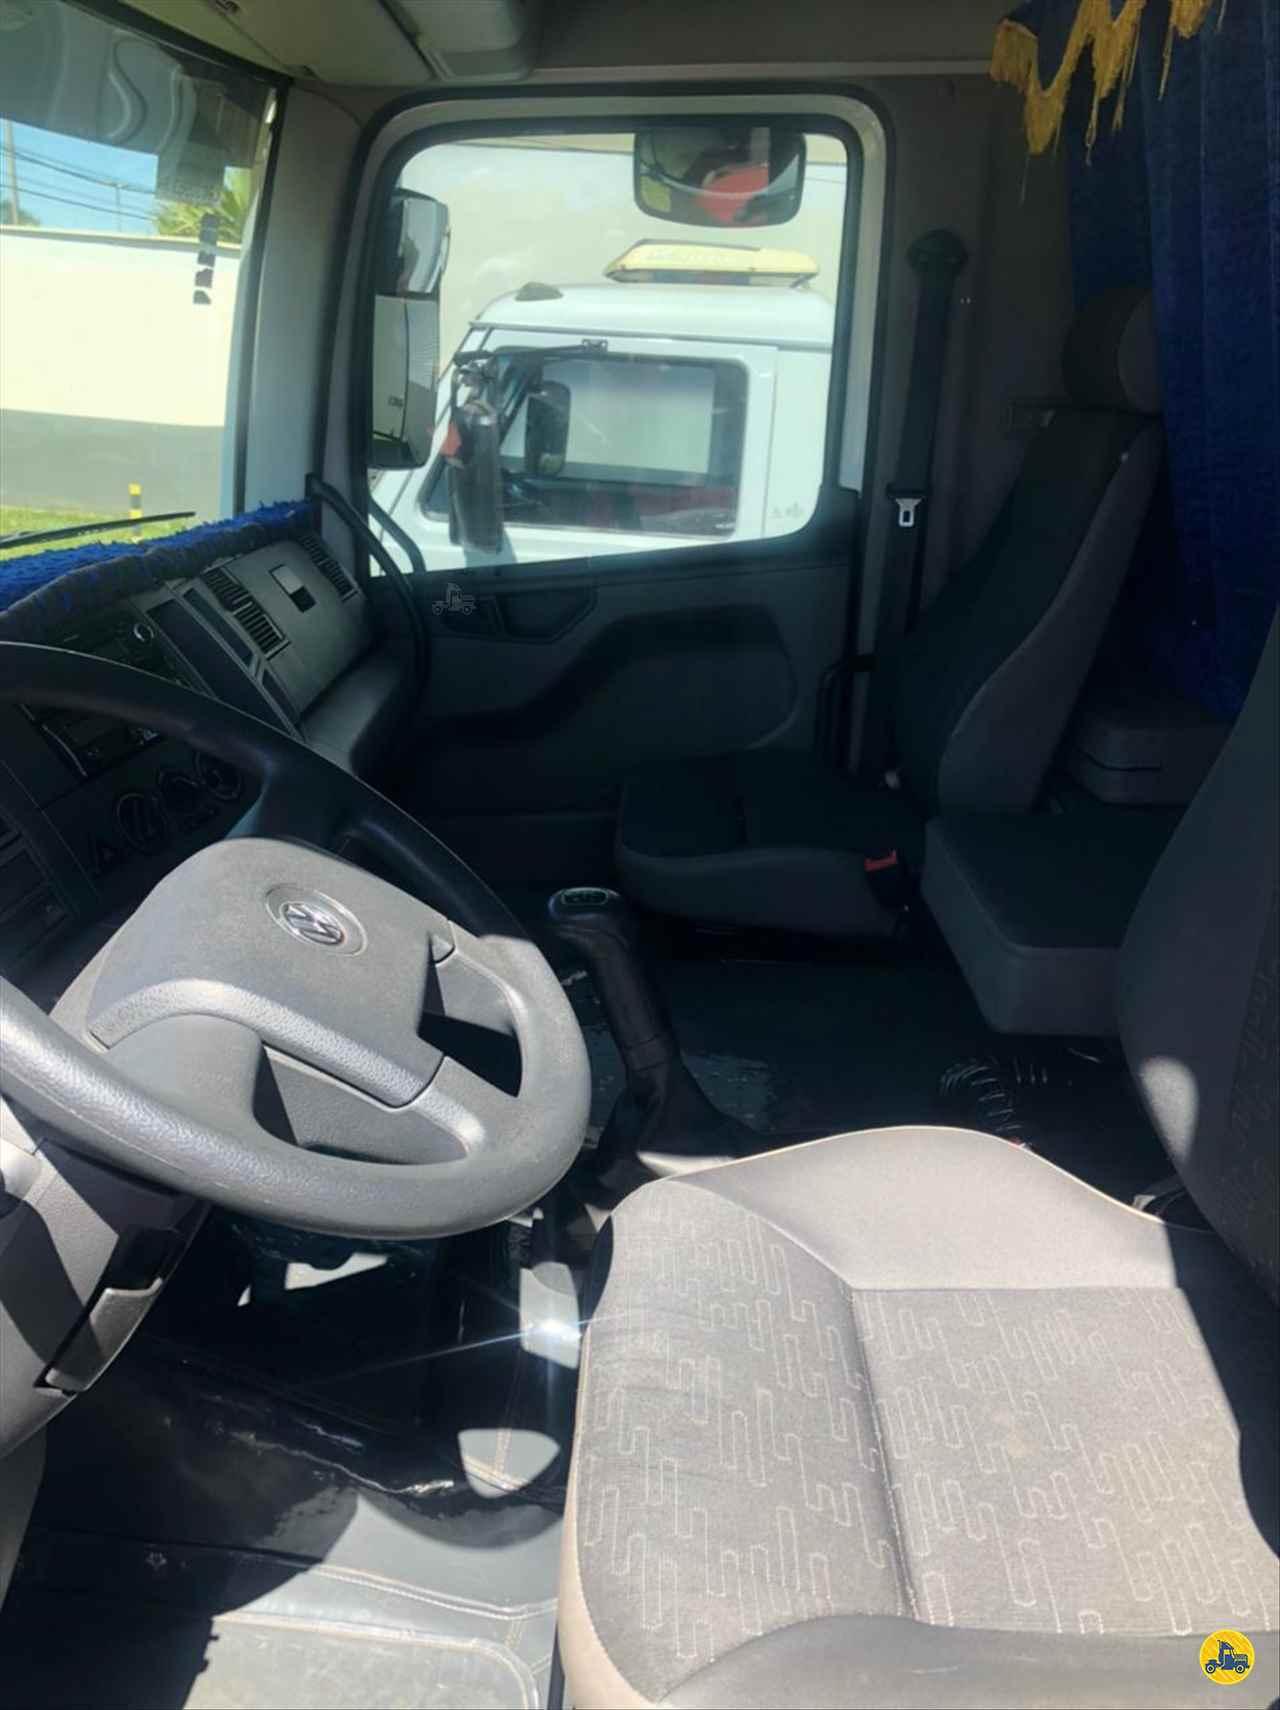 VOLKSWAGEN VW 24280  2019/2020 AutoPatos - VW